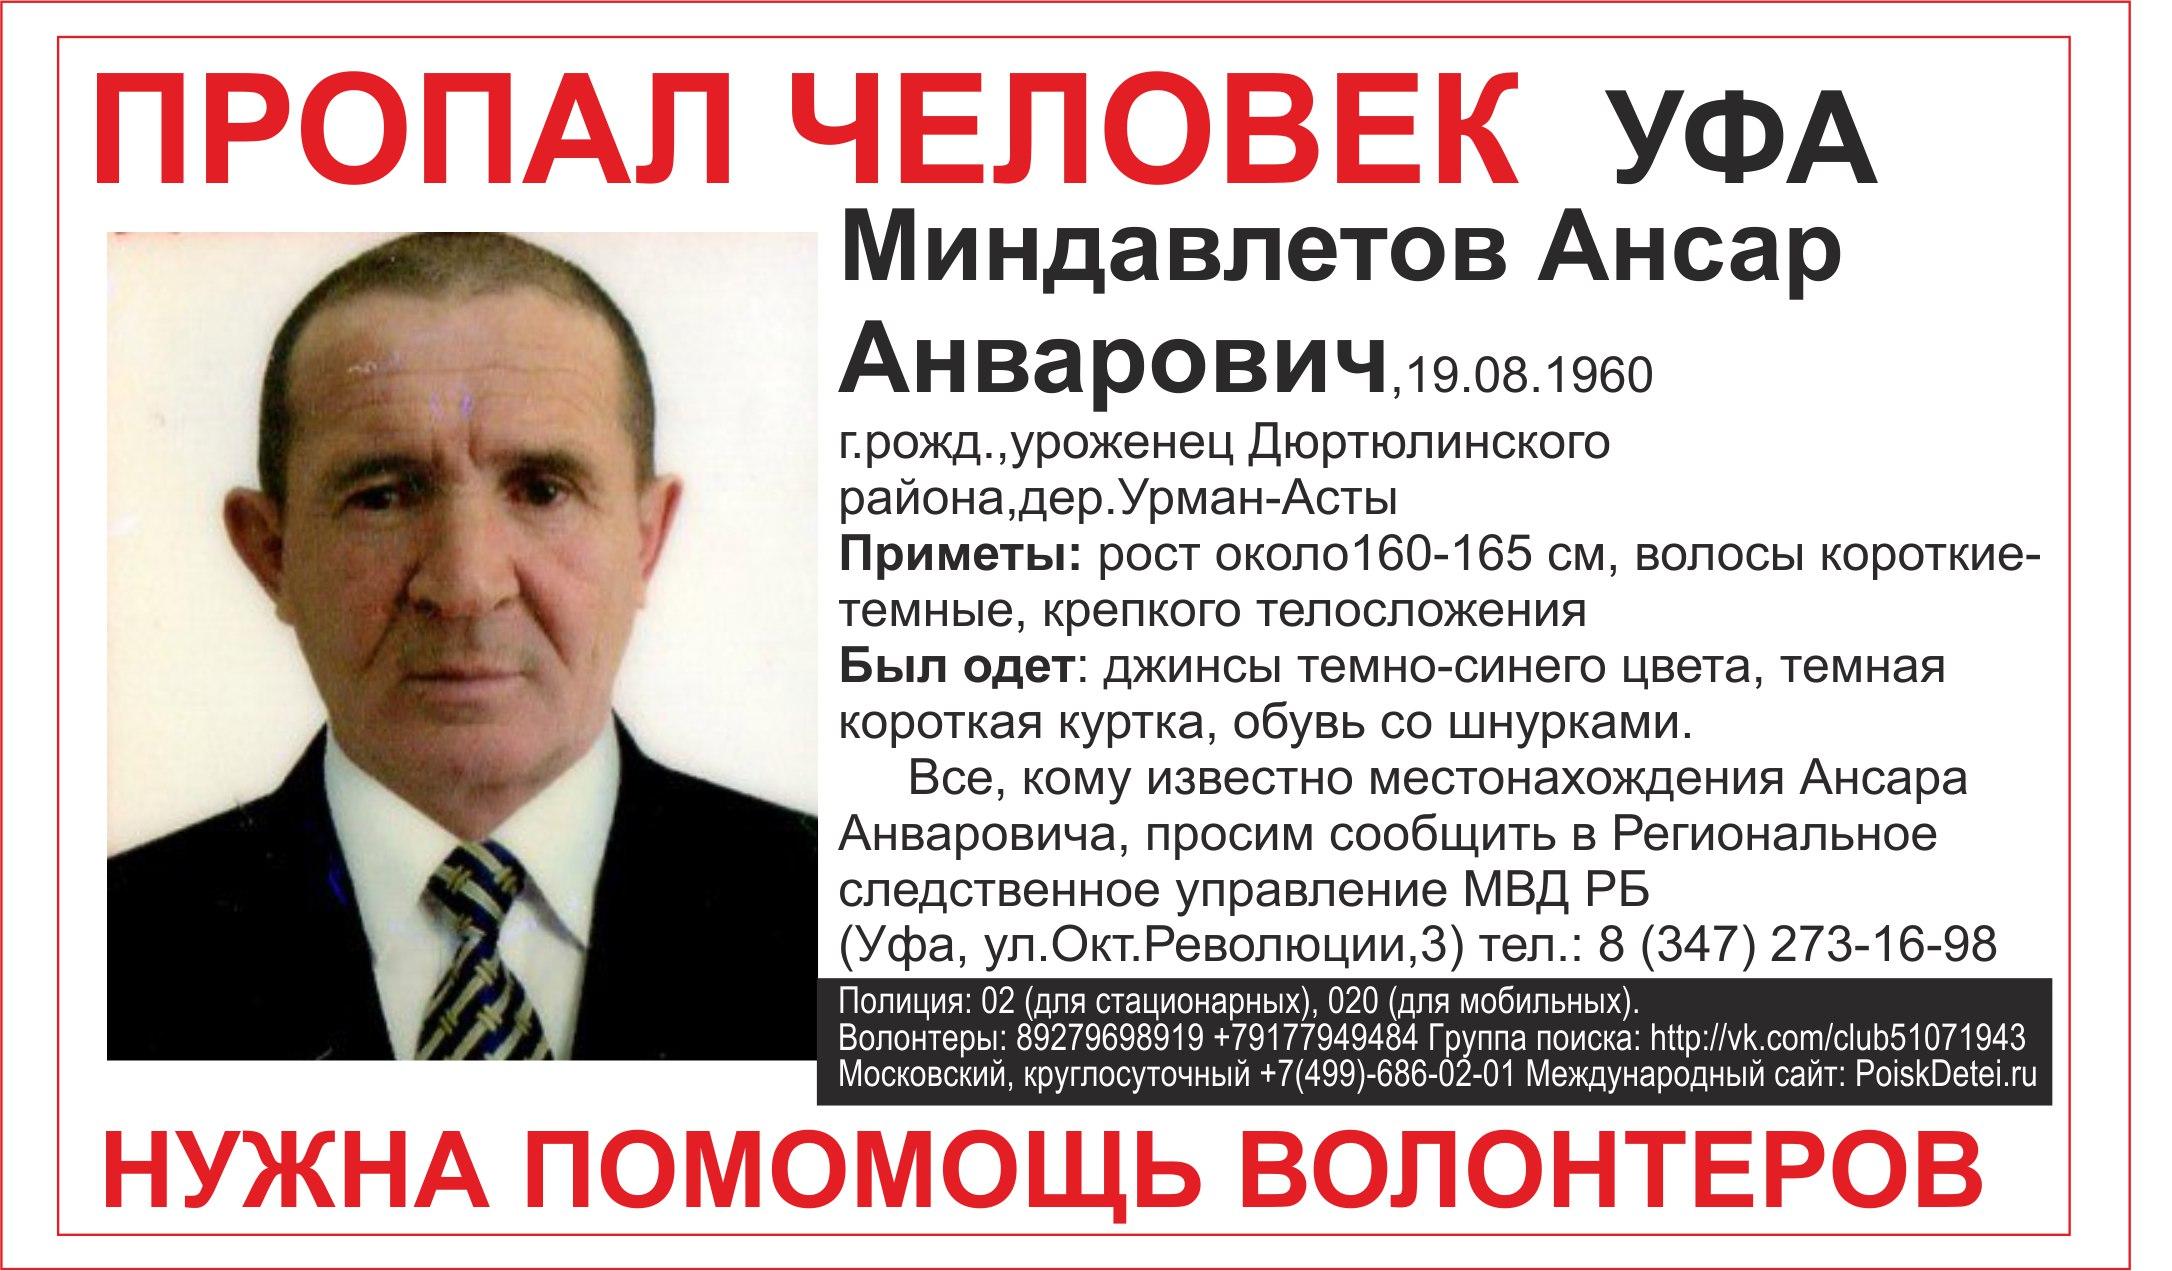 В Башкирии ищут пропавшего мужчину